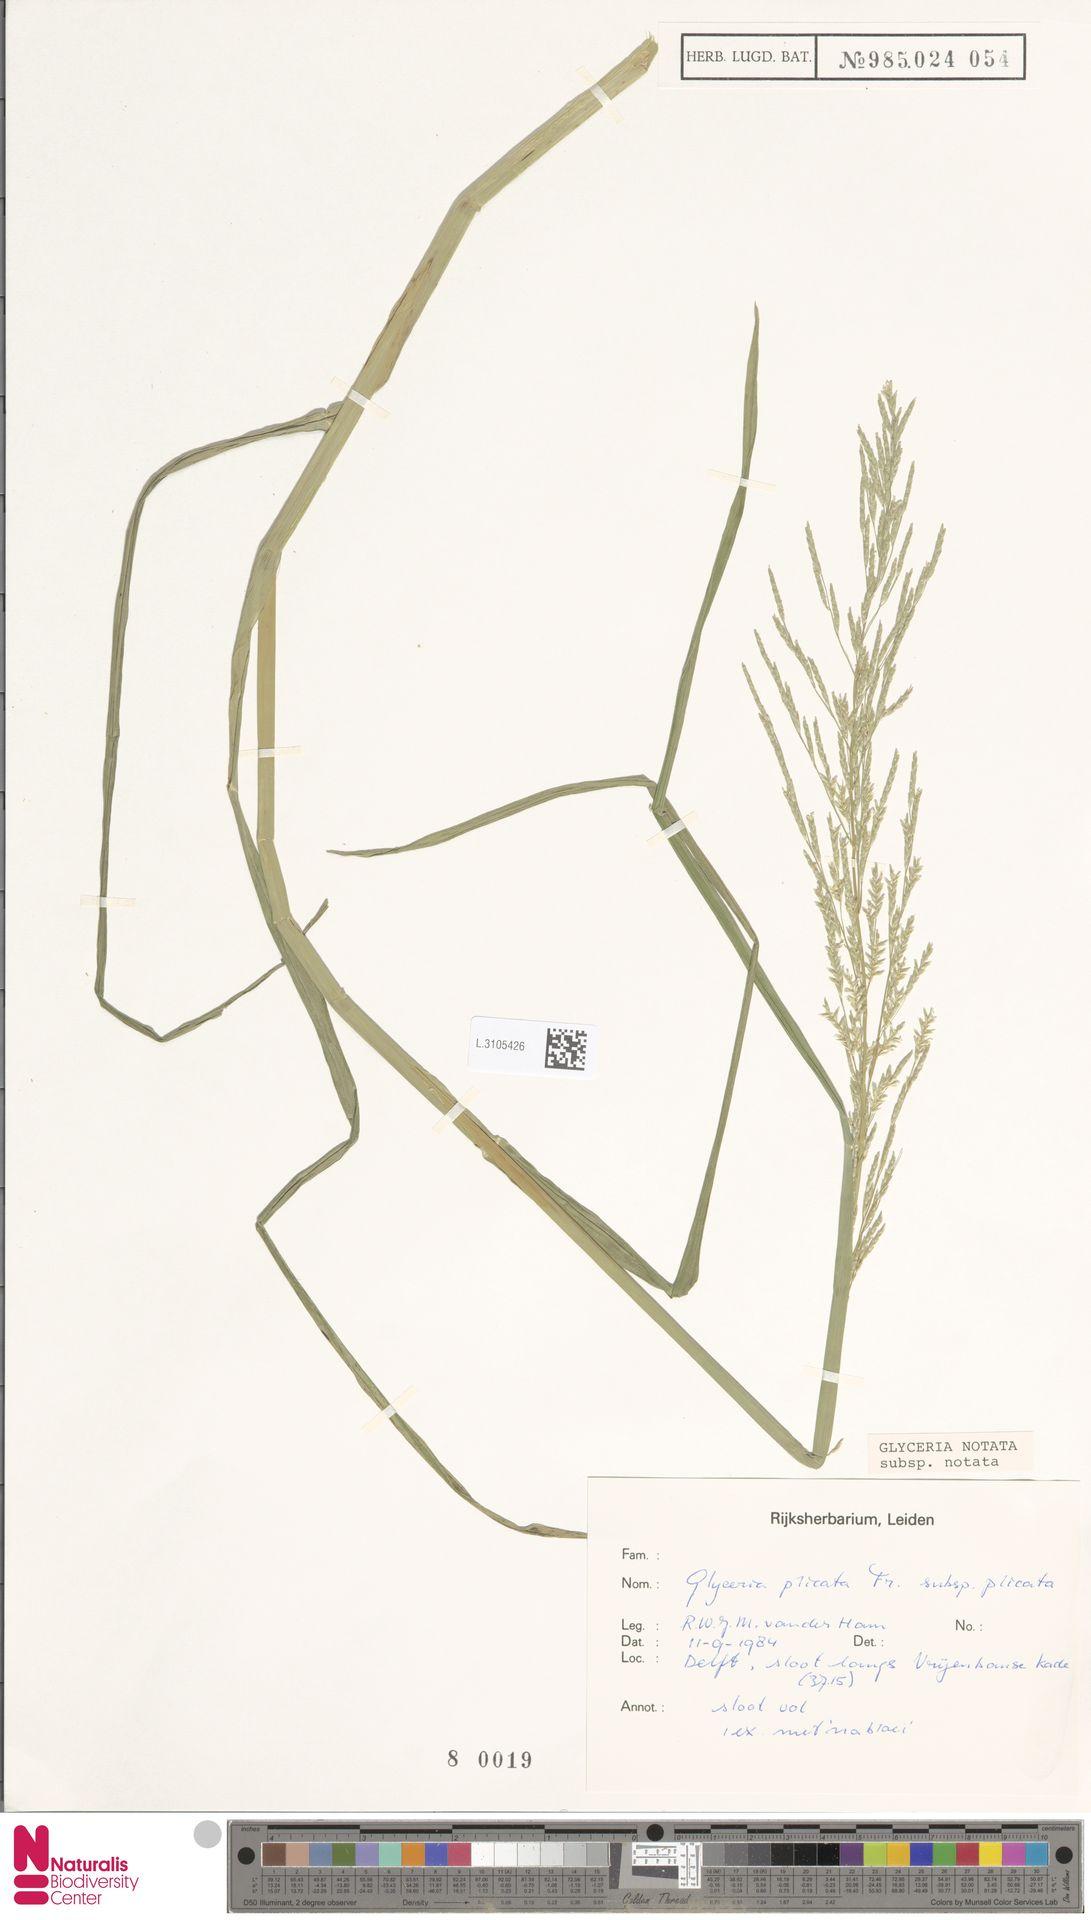 L.3105426 | Glyceria notata subsp. notata